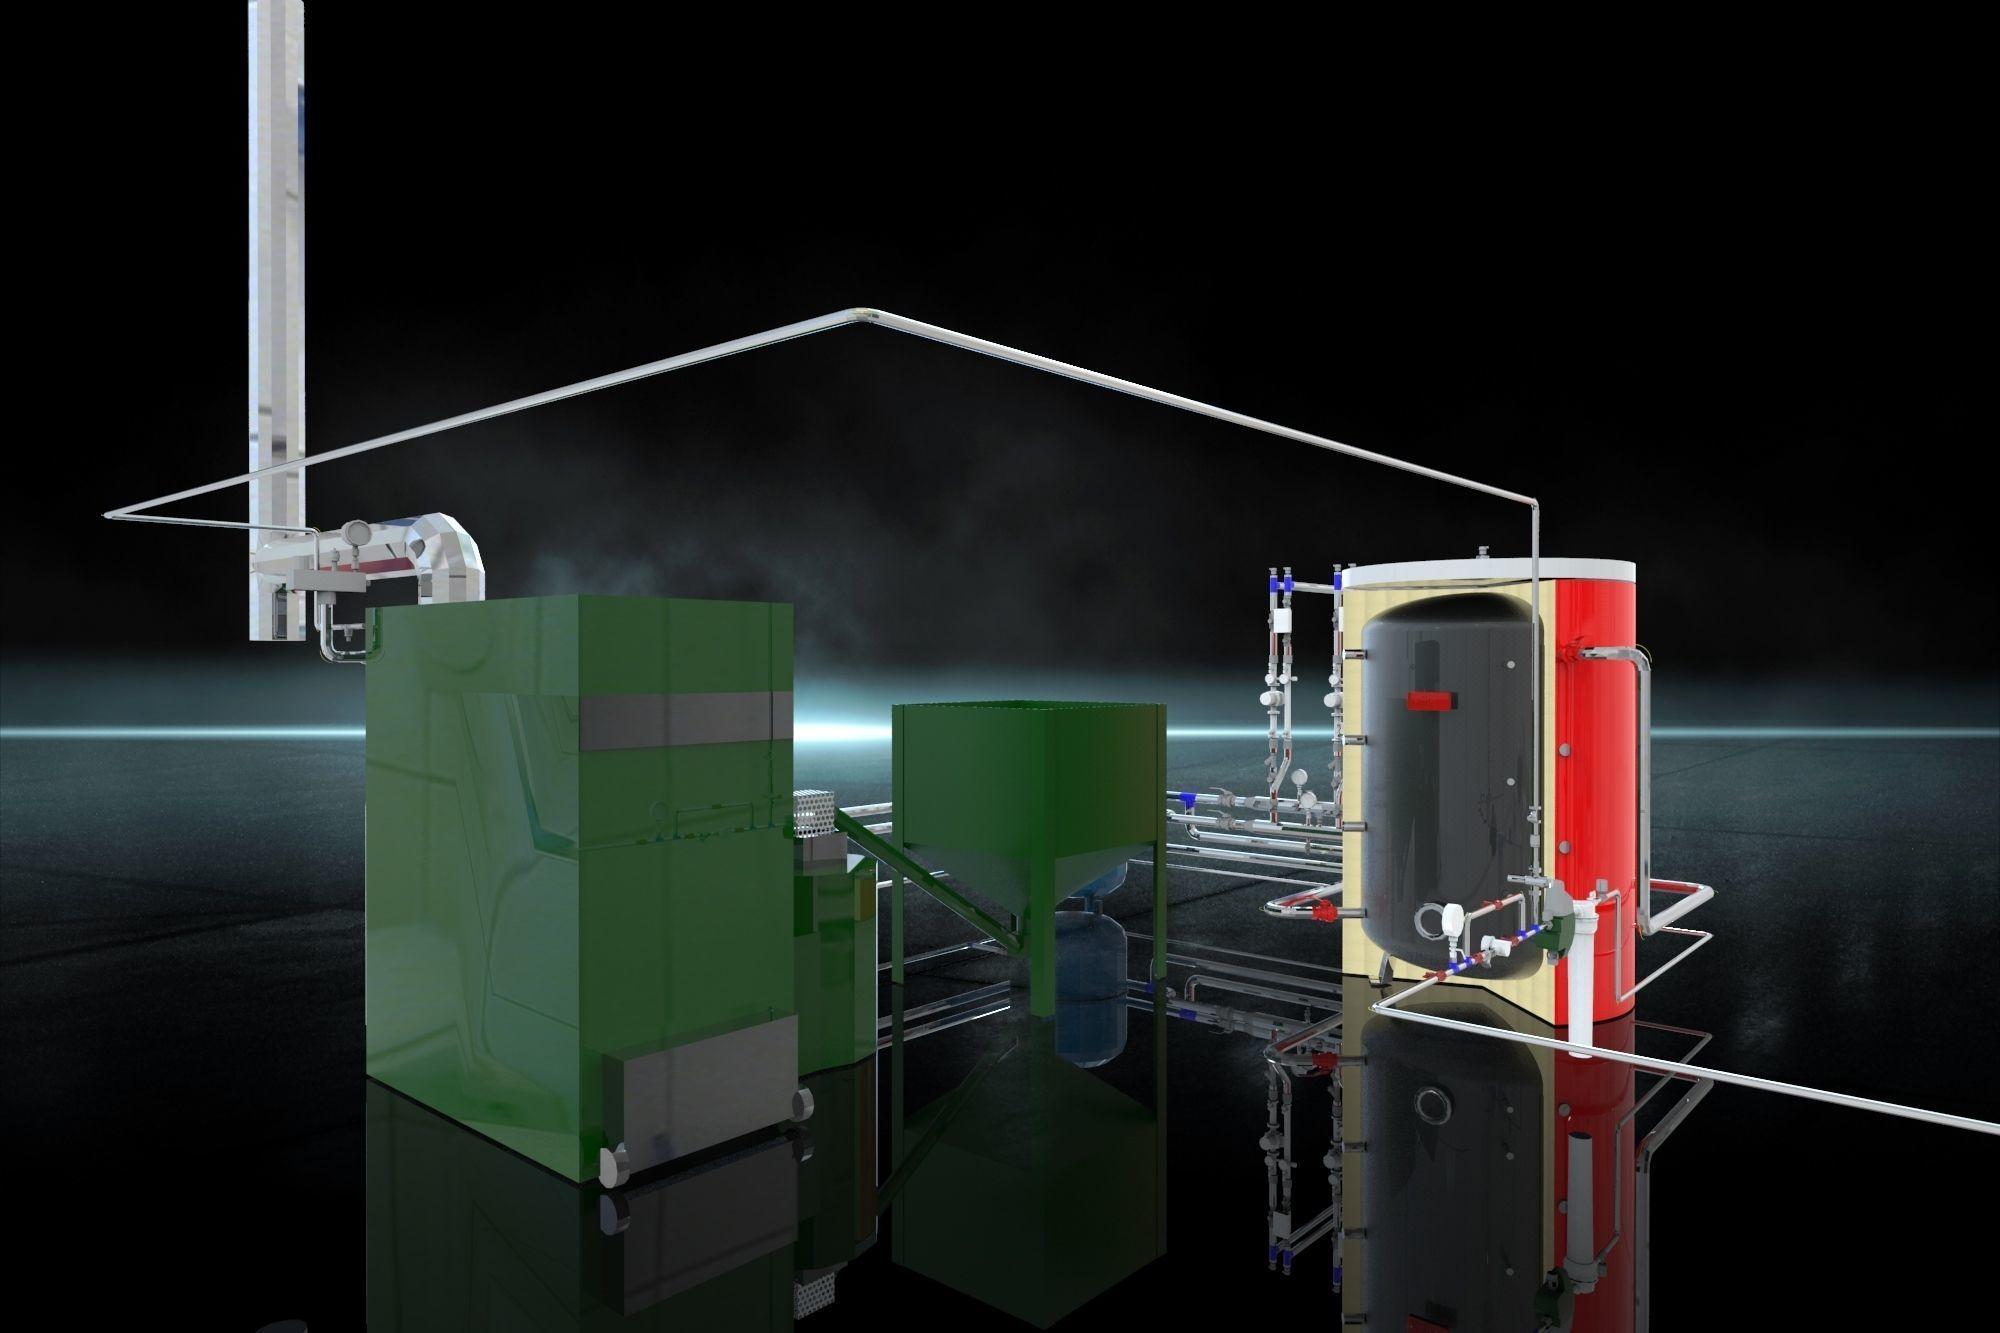 Industrial Boiler Room on wood pellets